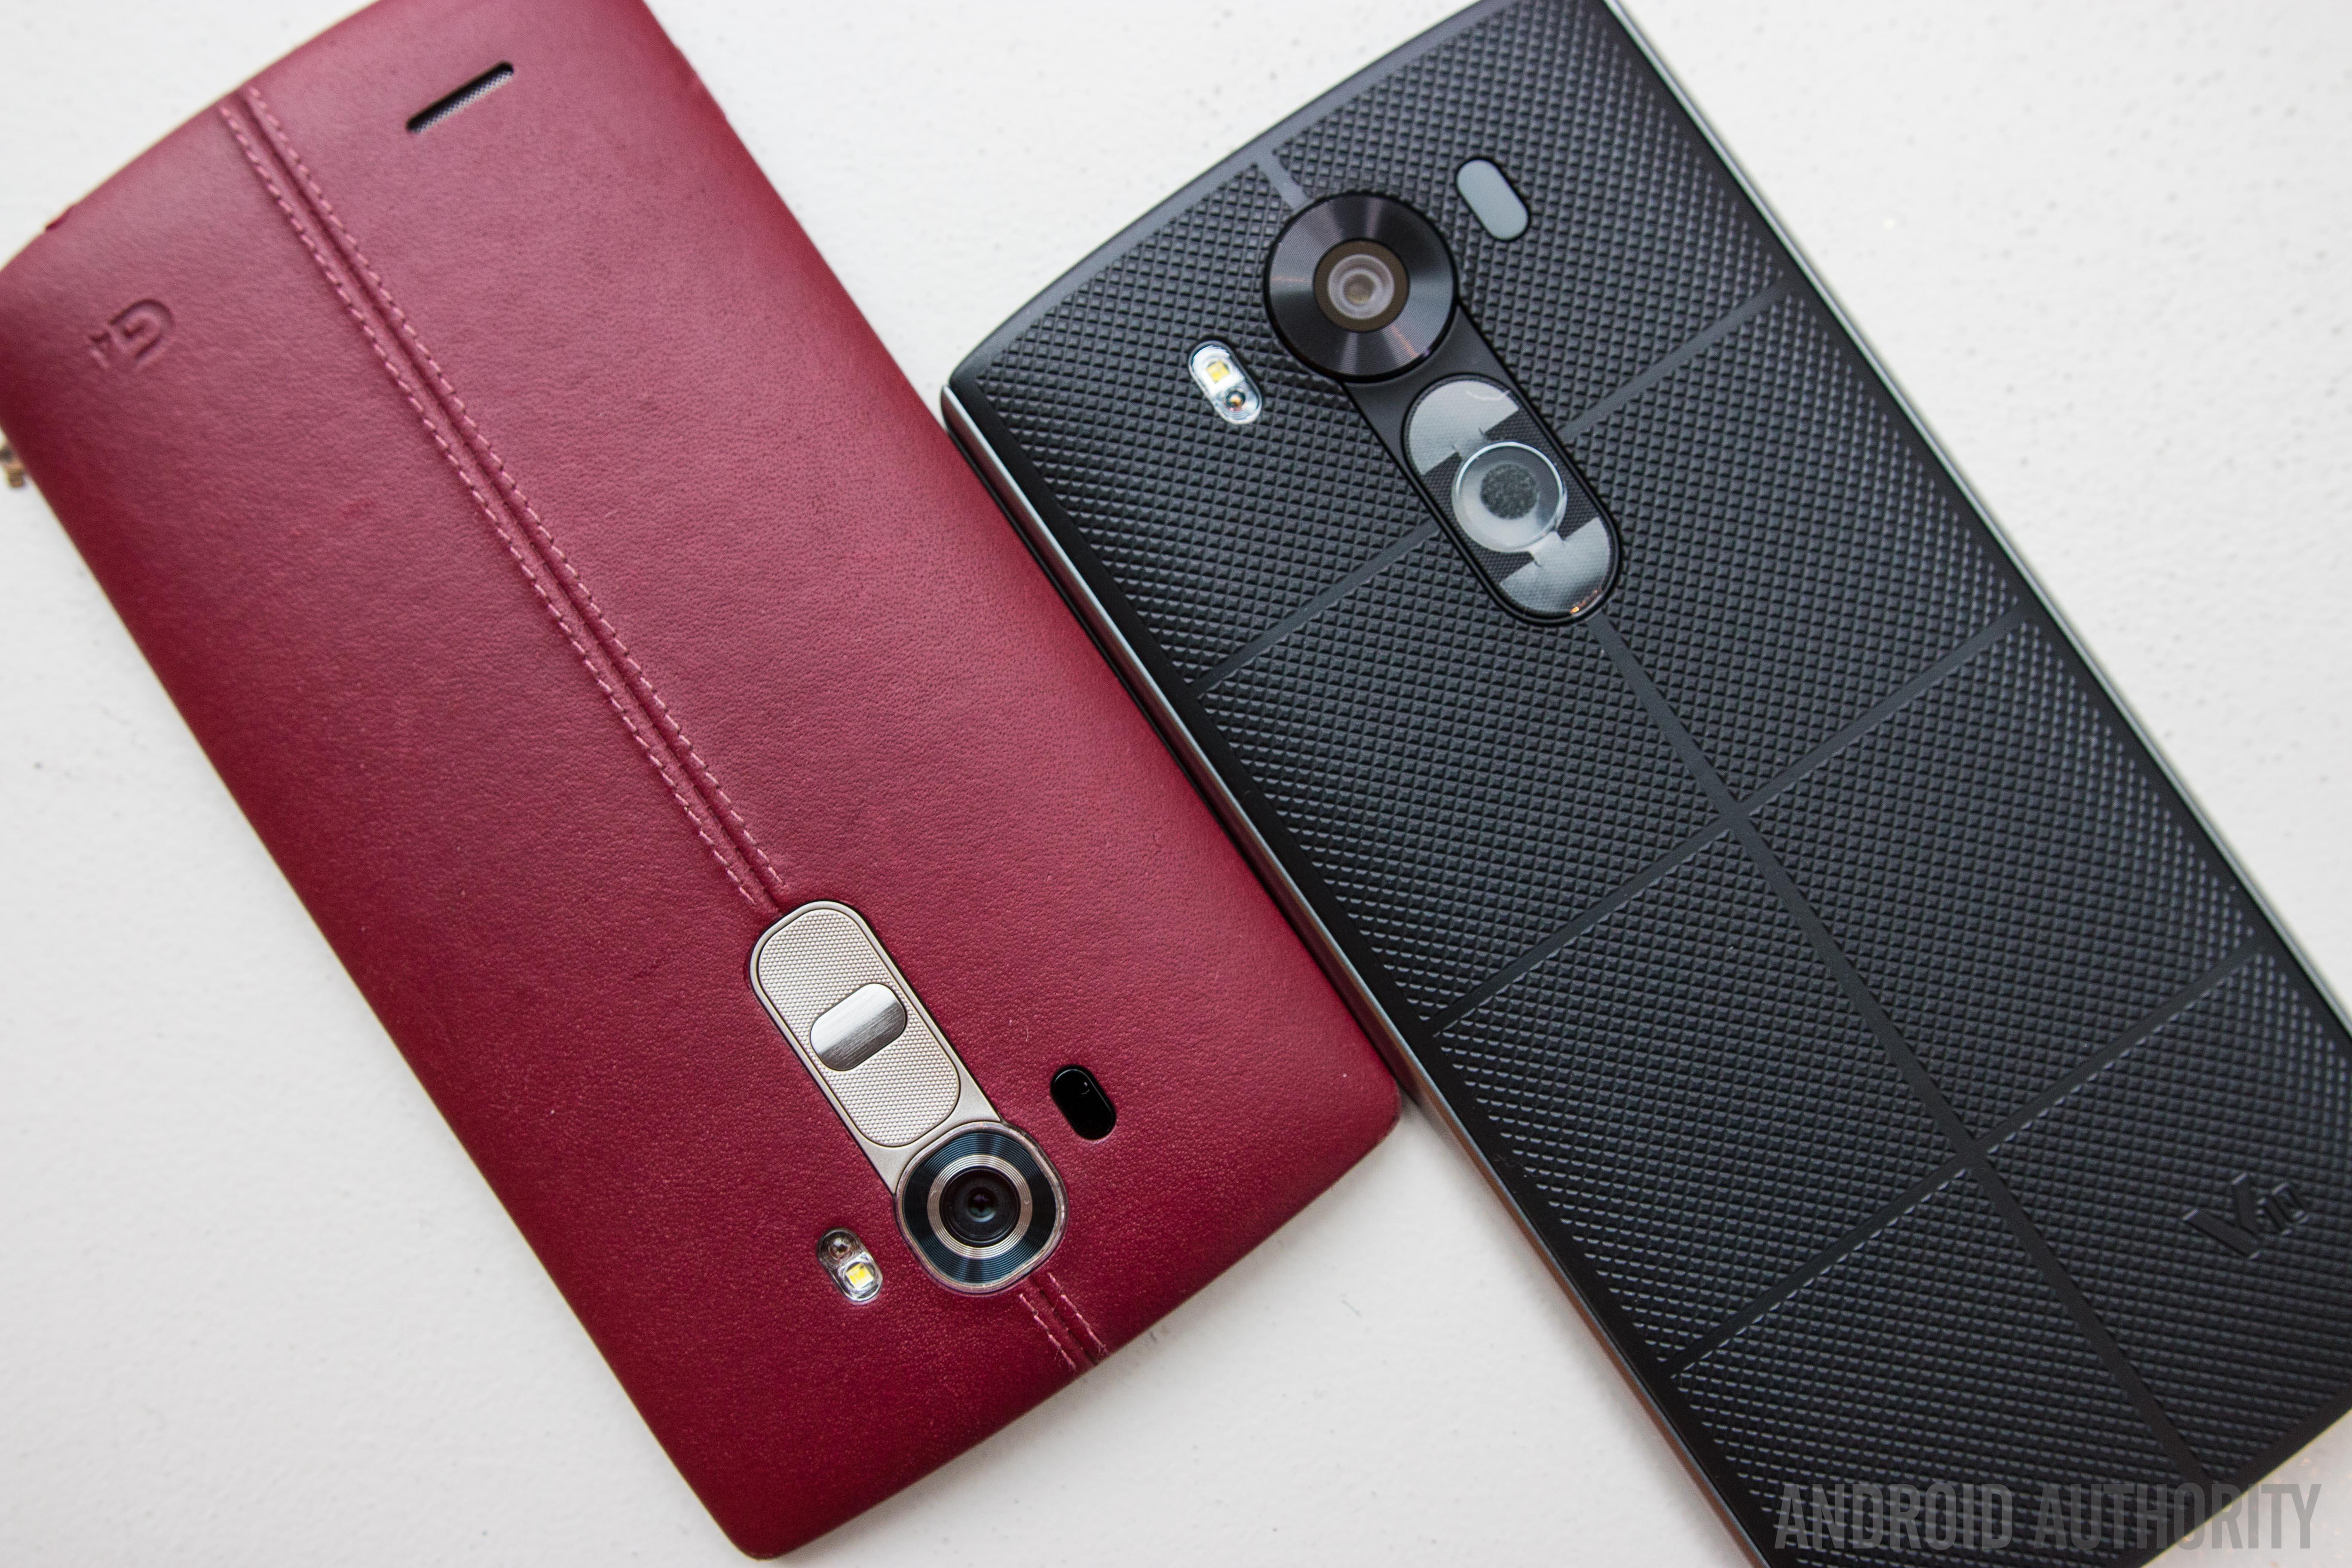 LG V10 Vs LG G4 Quick Look-10